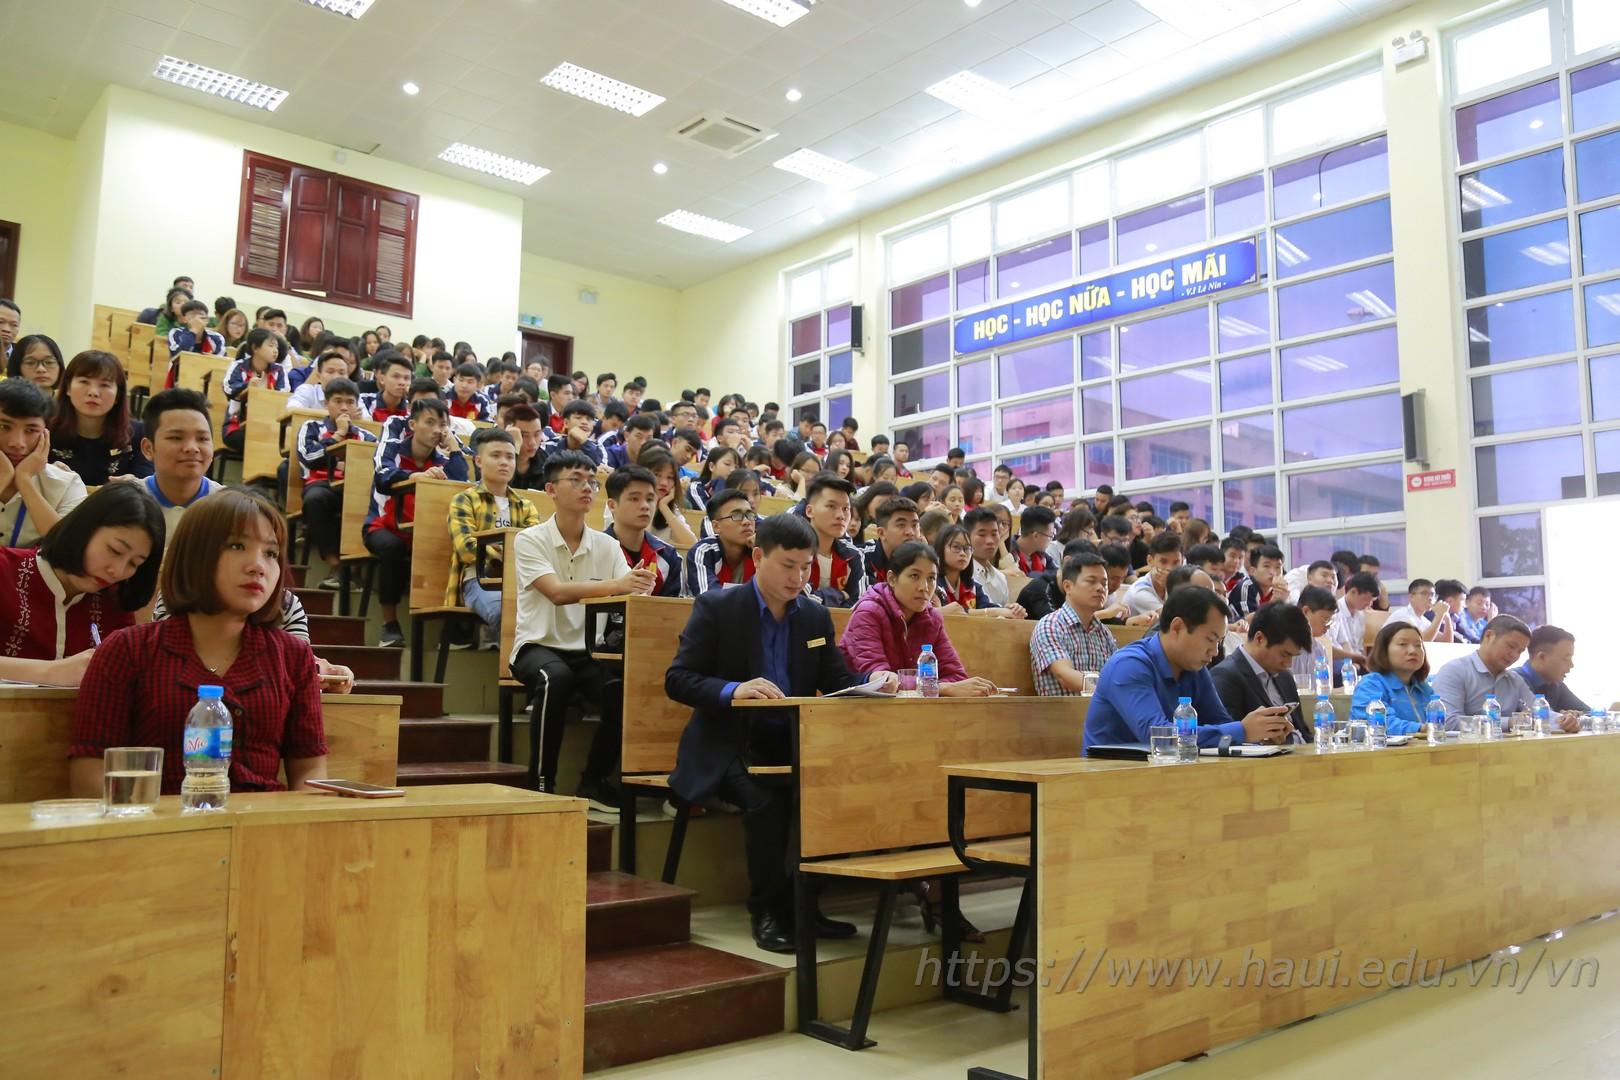 Hội nghị Lớp trưởng, Bí thư Chi đoàn các lớp năm học 2018 - 2019: lắng nghe và giải đáp các ý kiến của sinh viên